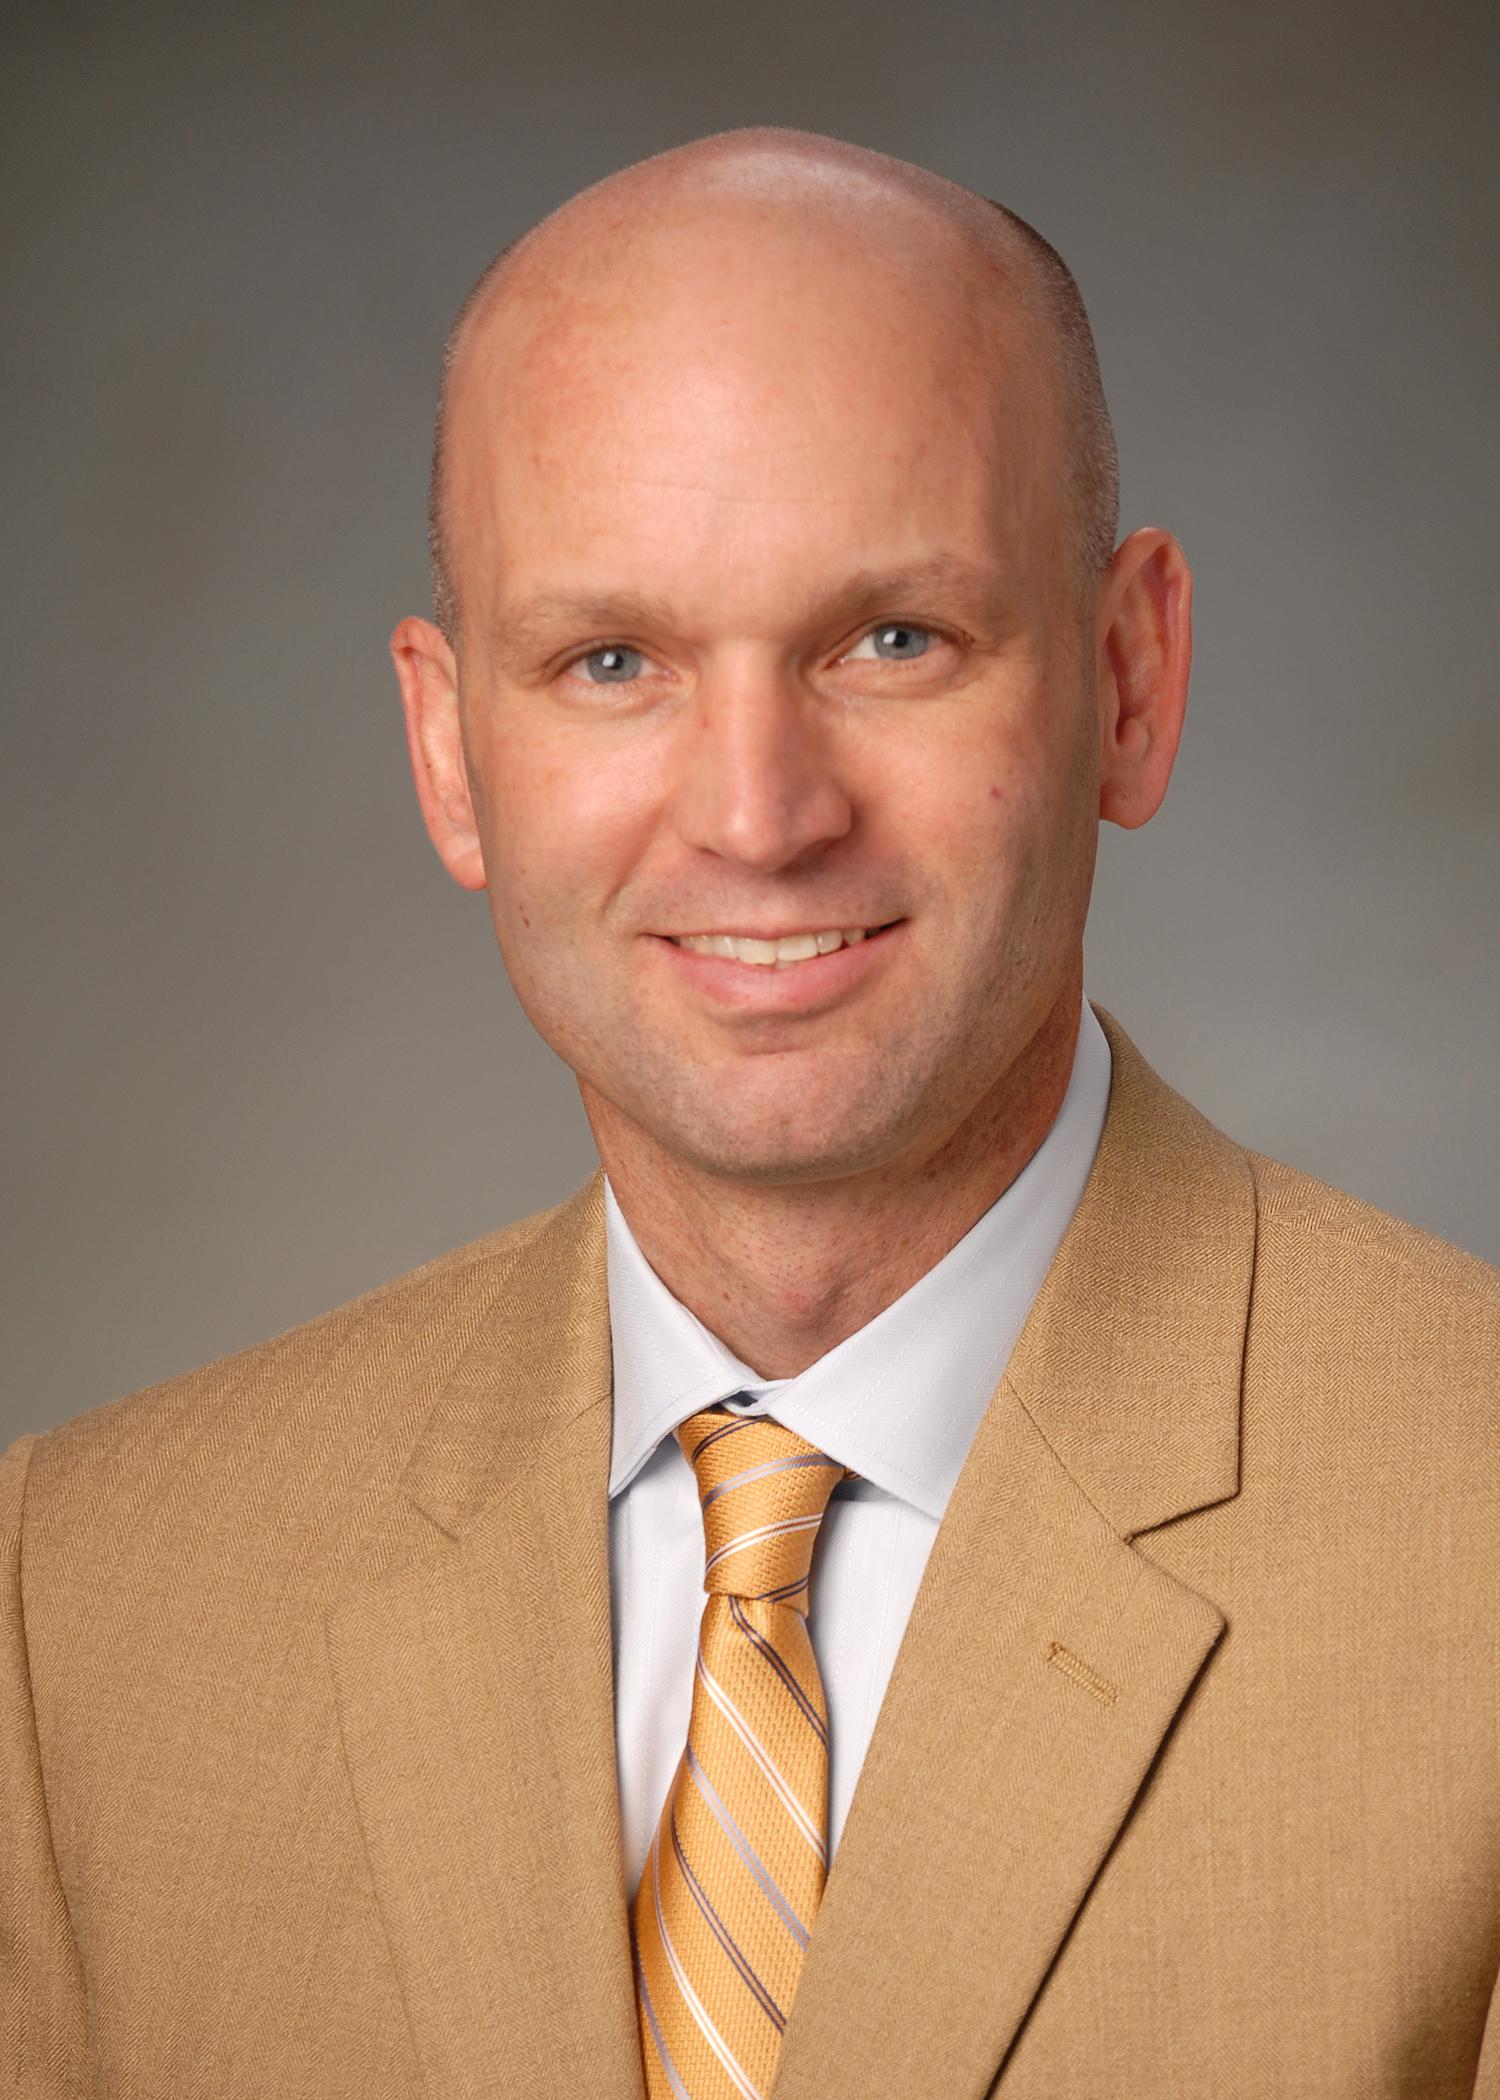 Kris Kilgard